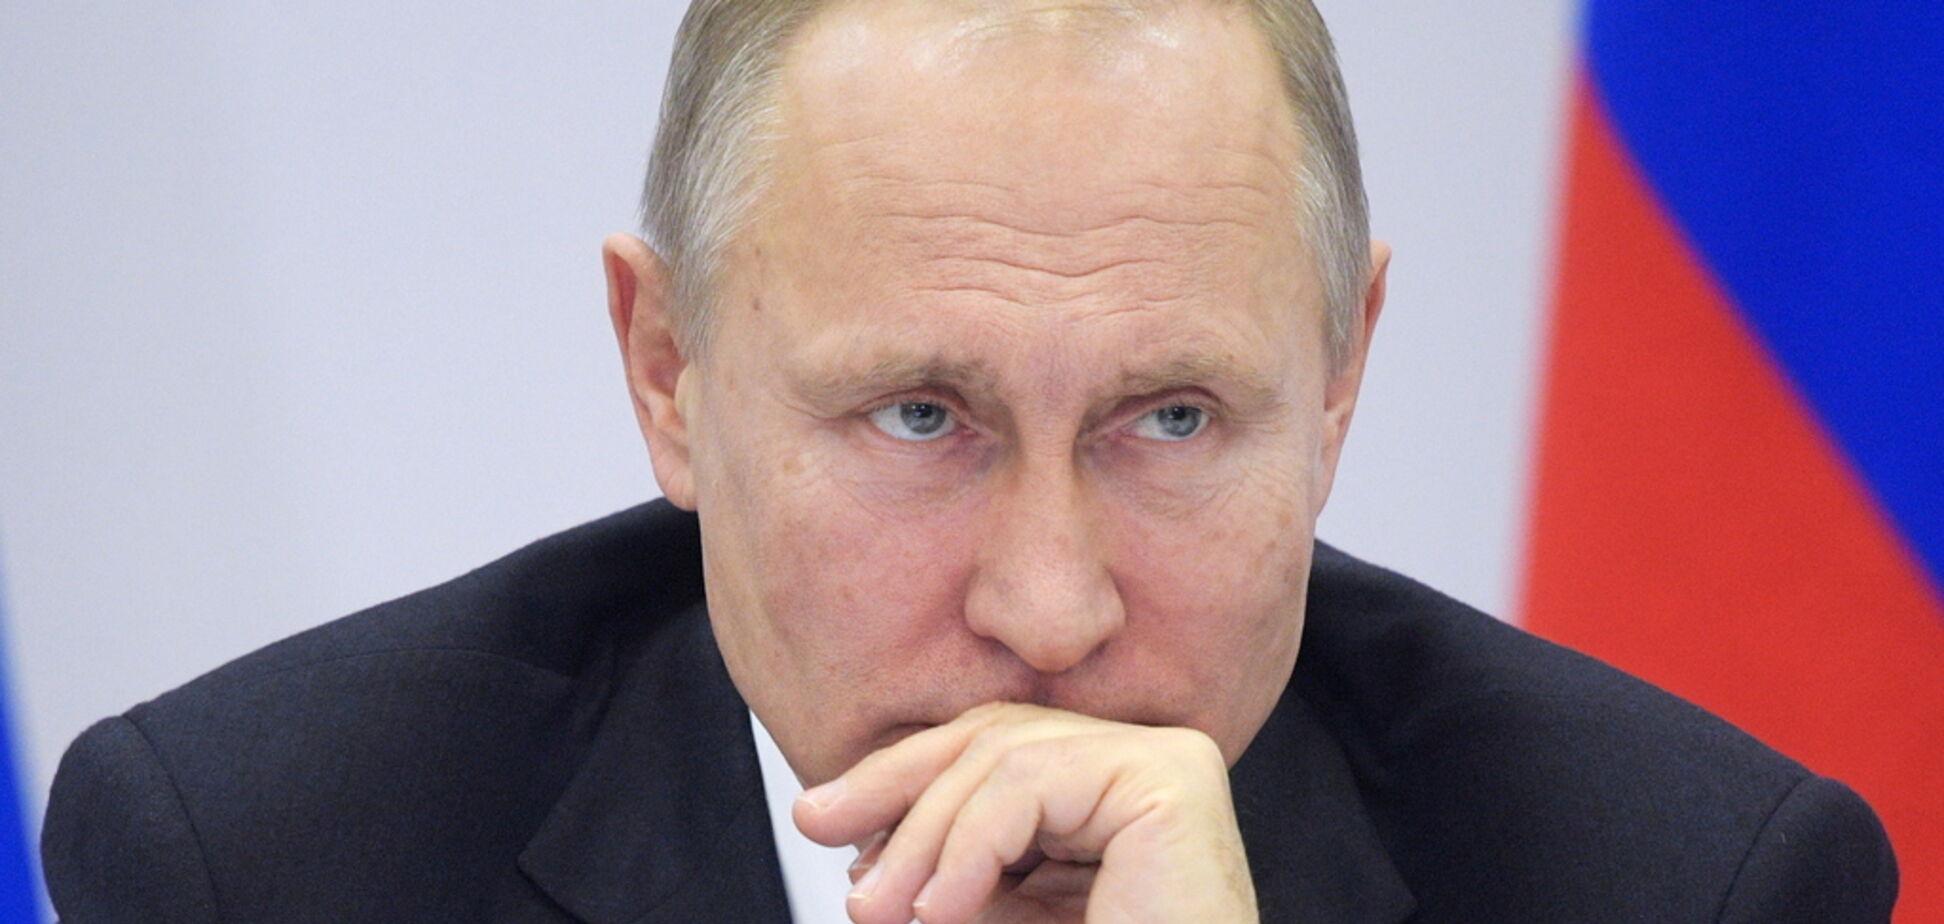 ''Готовьтесь к худшему сценарию'': Украину предупредили о надвигающейся угрозе из России